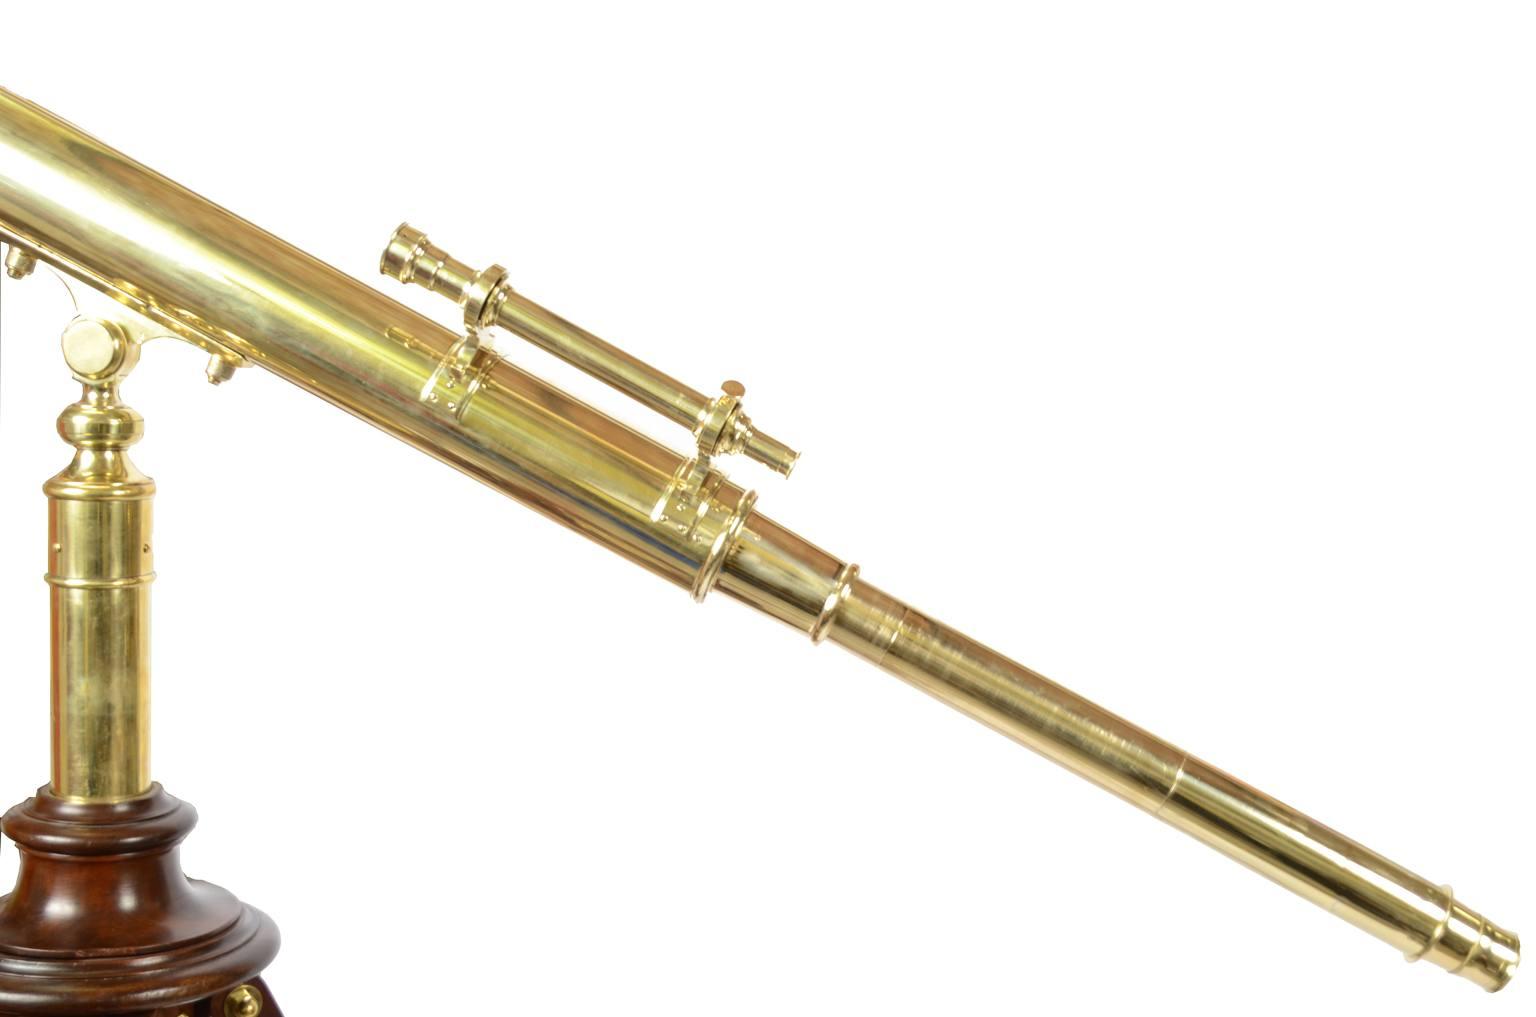 Strumenti astronomici antichi/5179-Cannocchiale astronomico